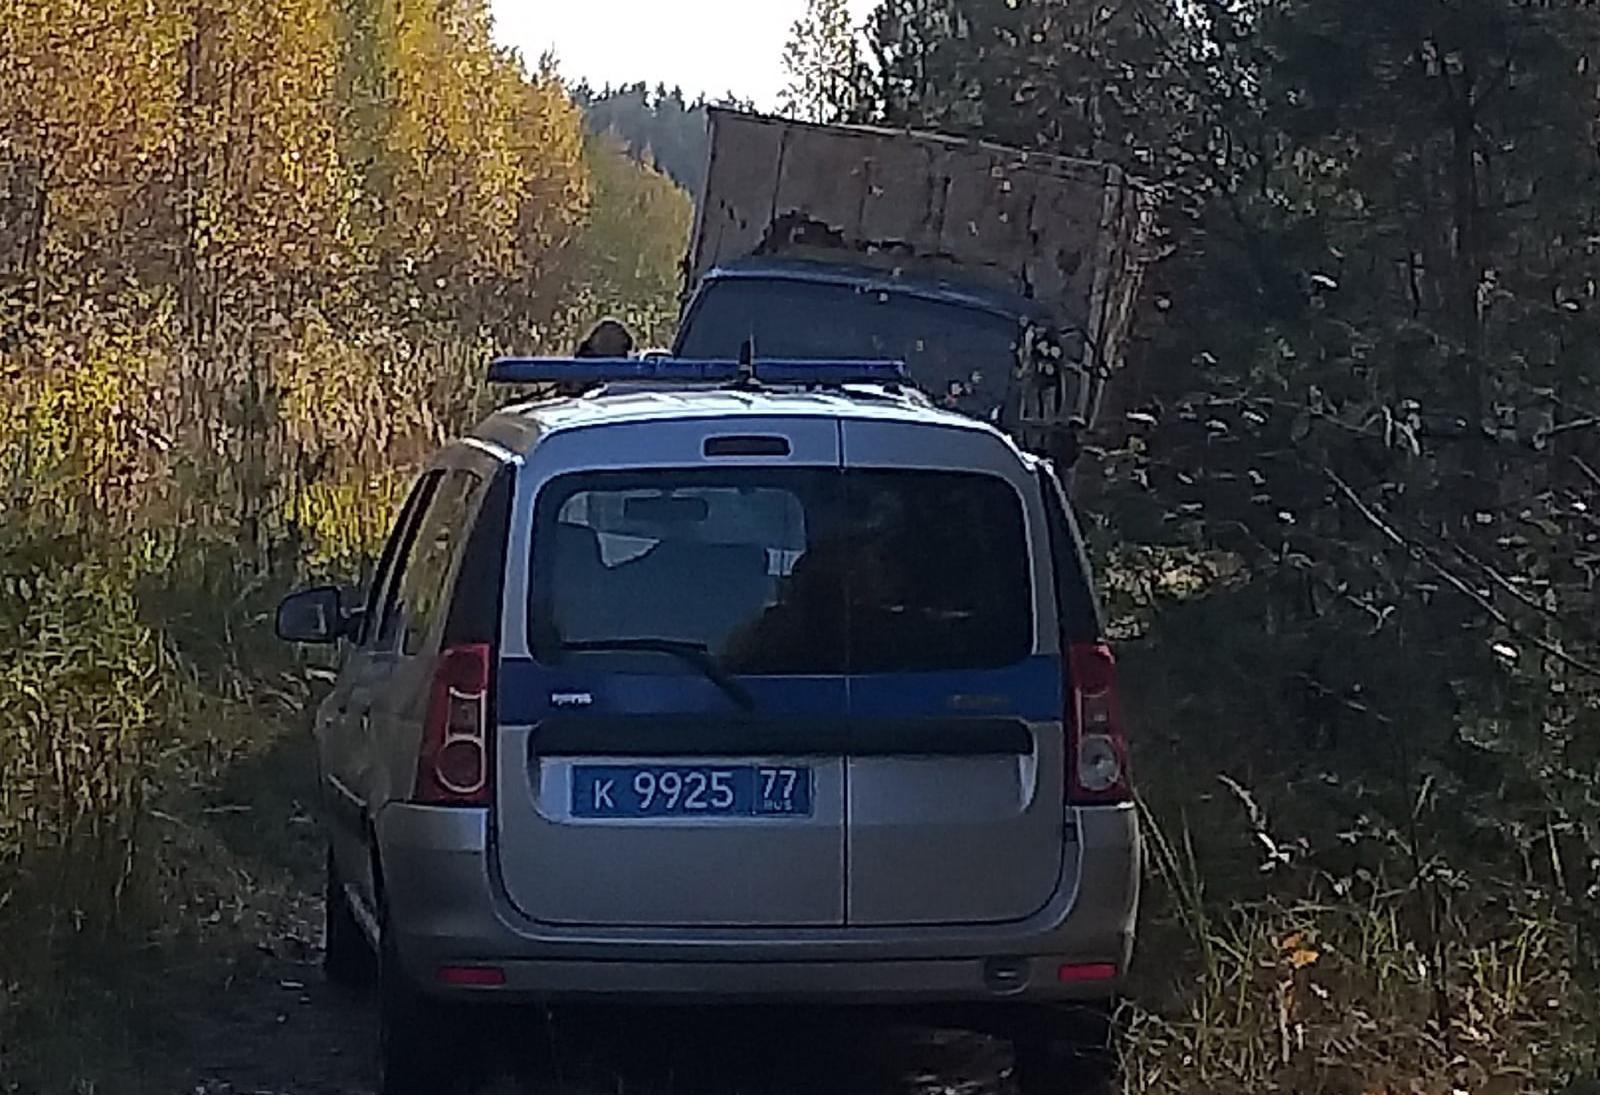 Под Тверью полицейские задержали ГАЗель, на которой пытались вывезти железнодорожные рельсы